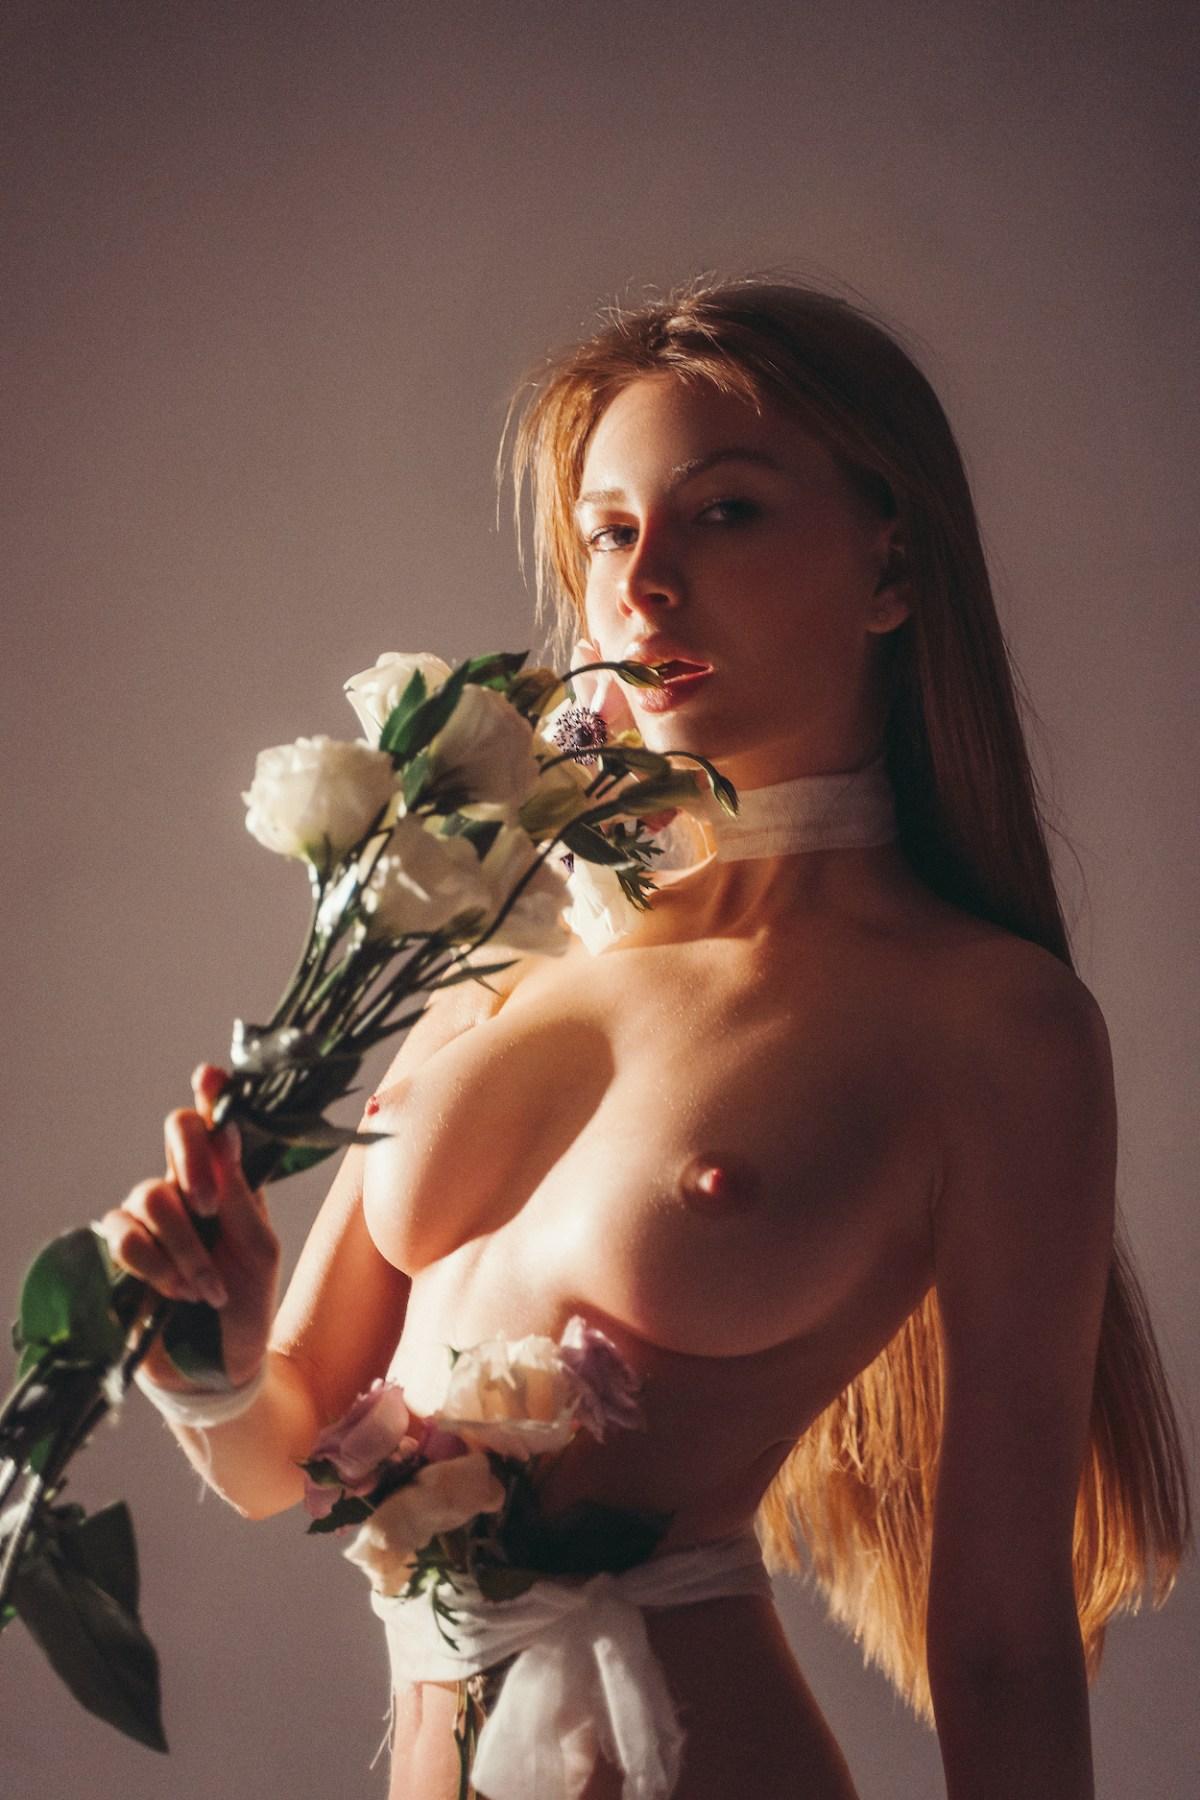 Alina Rainer by Irina Troitskaya